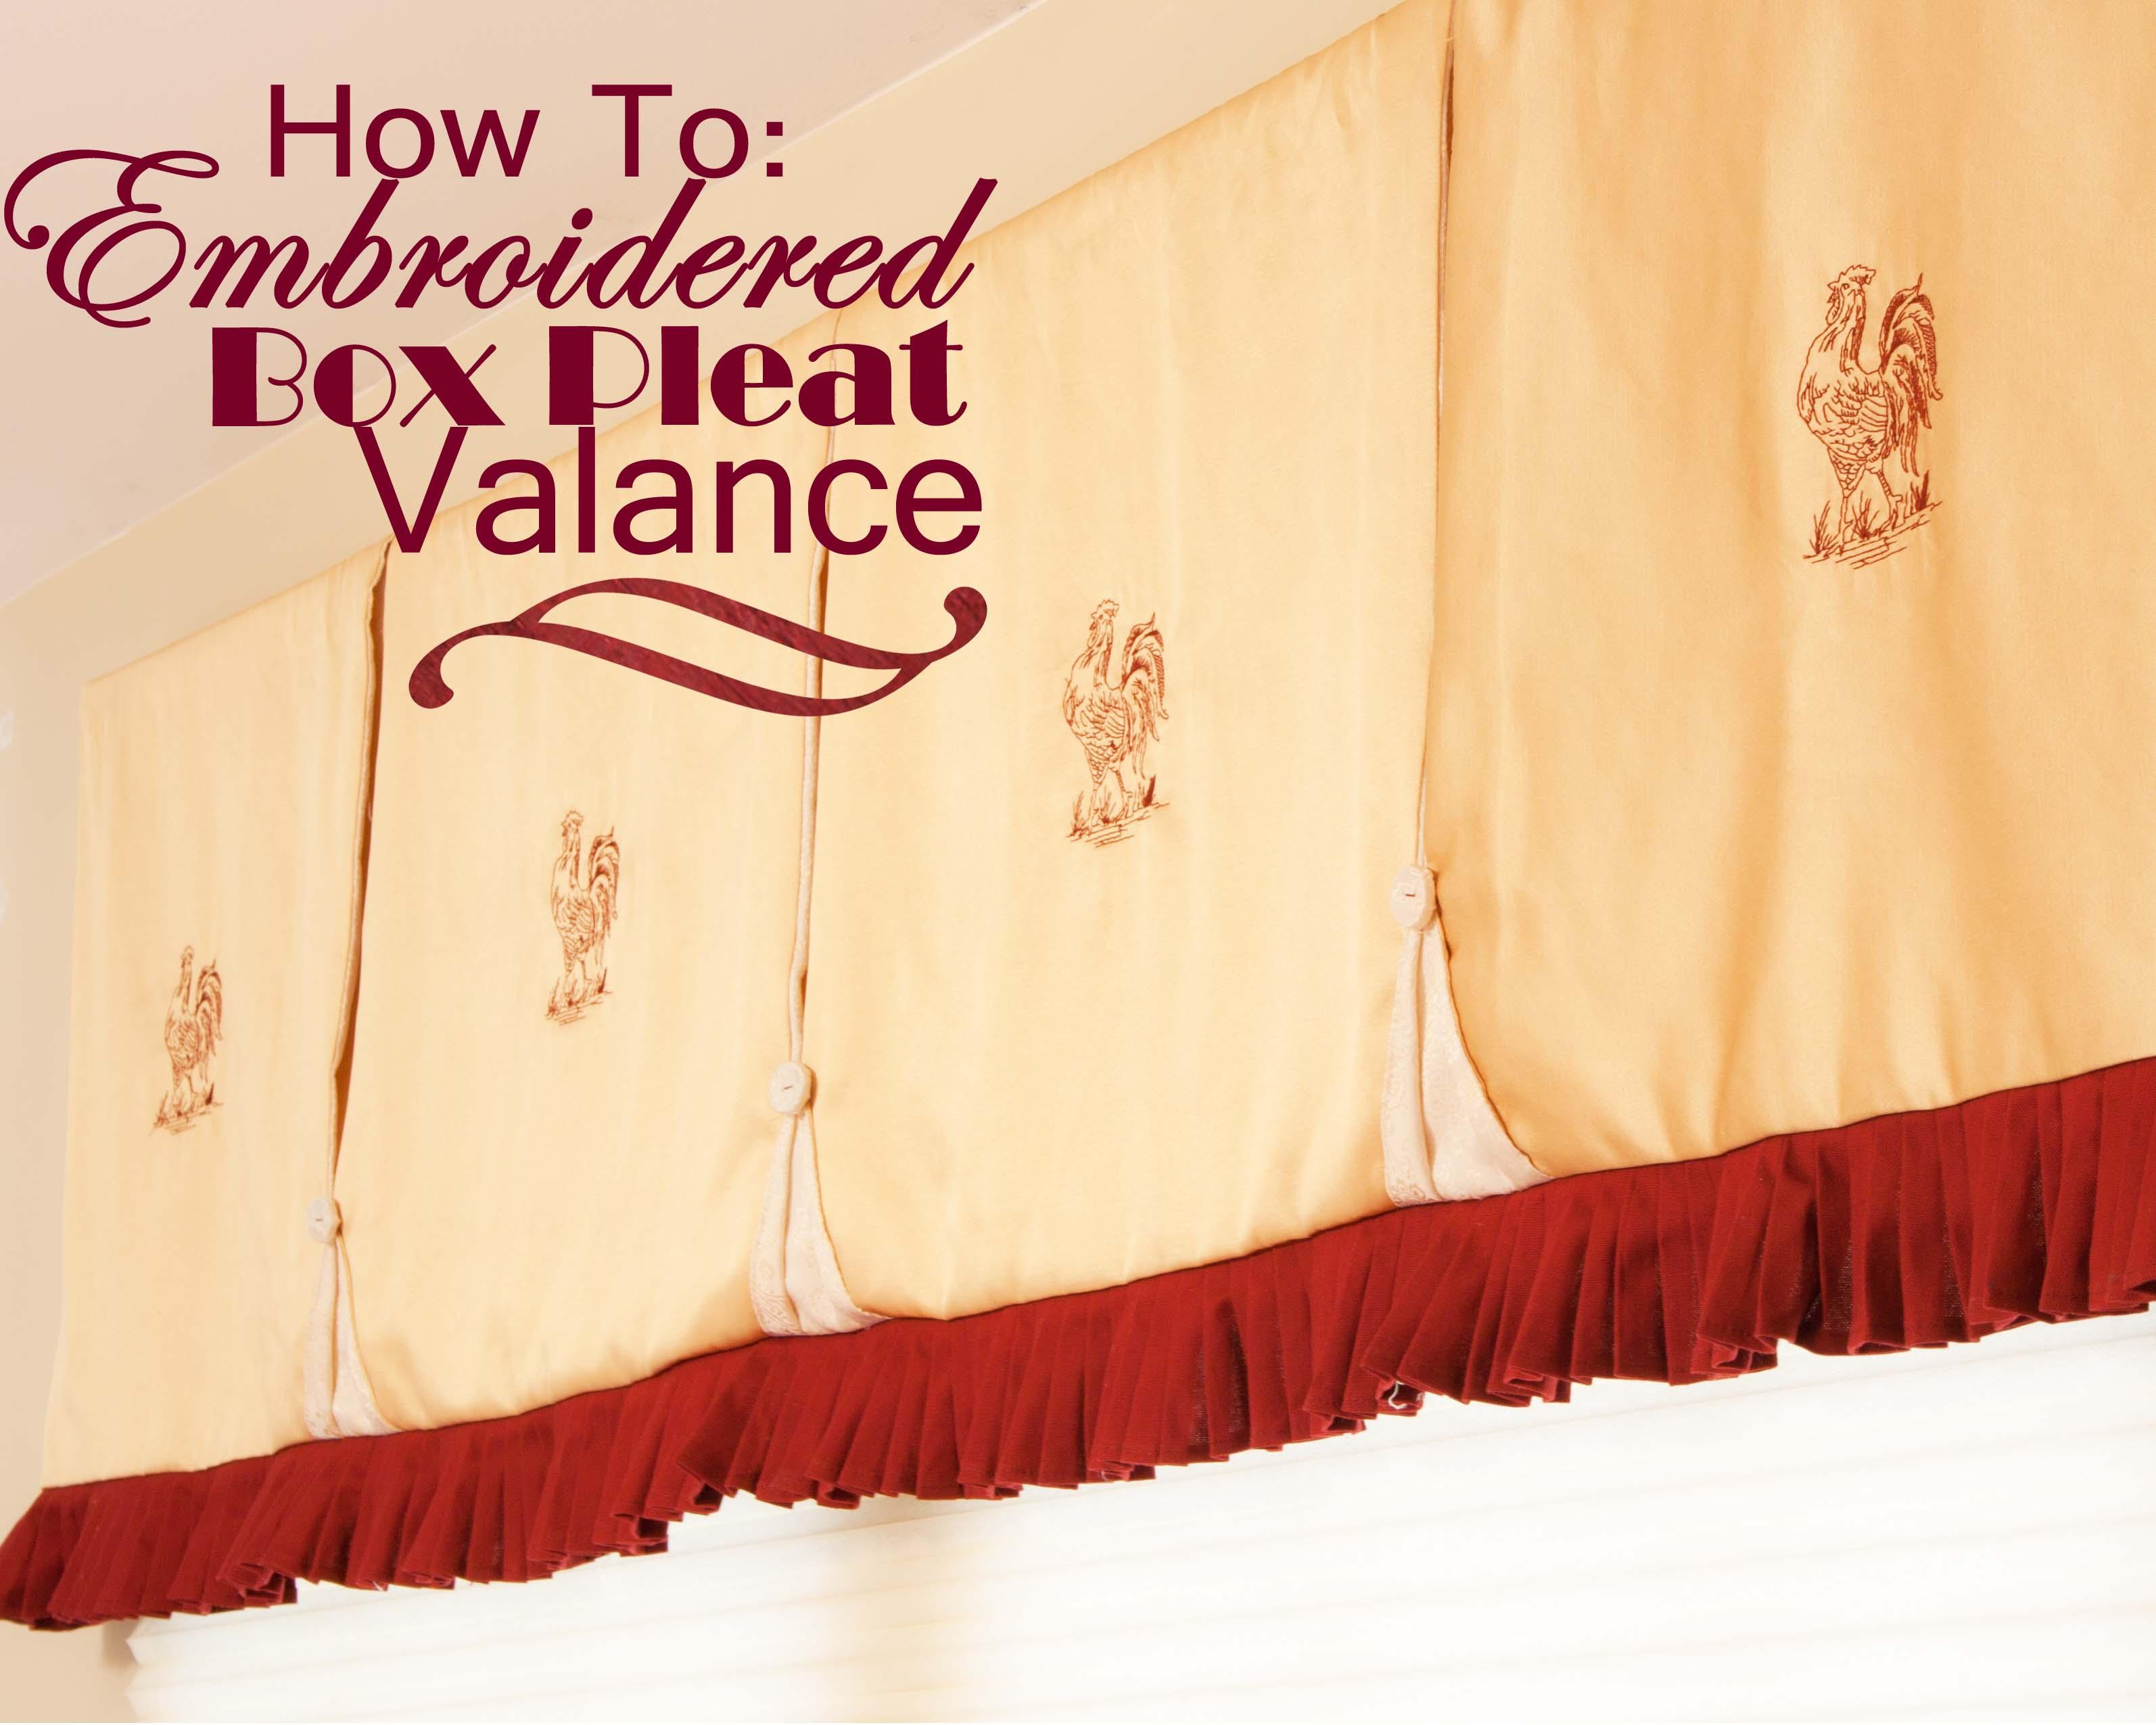 Box Pleat